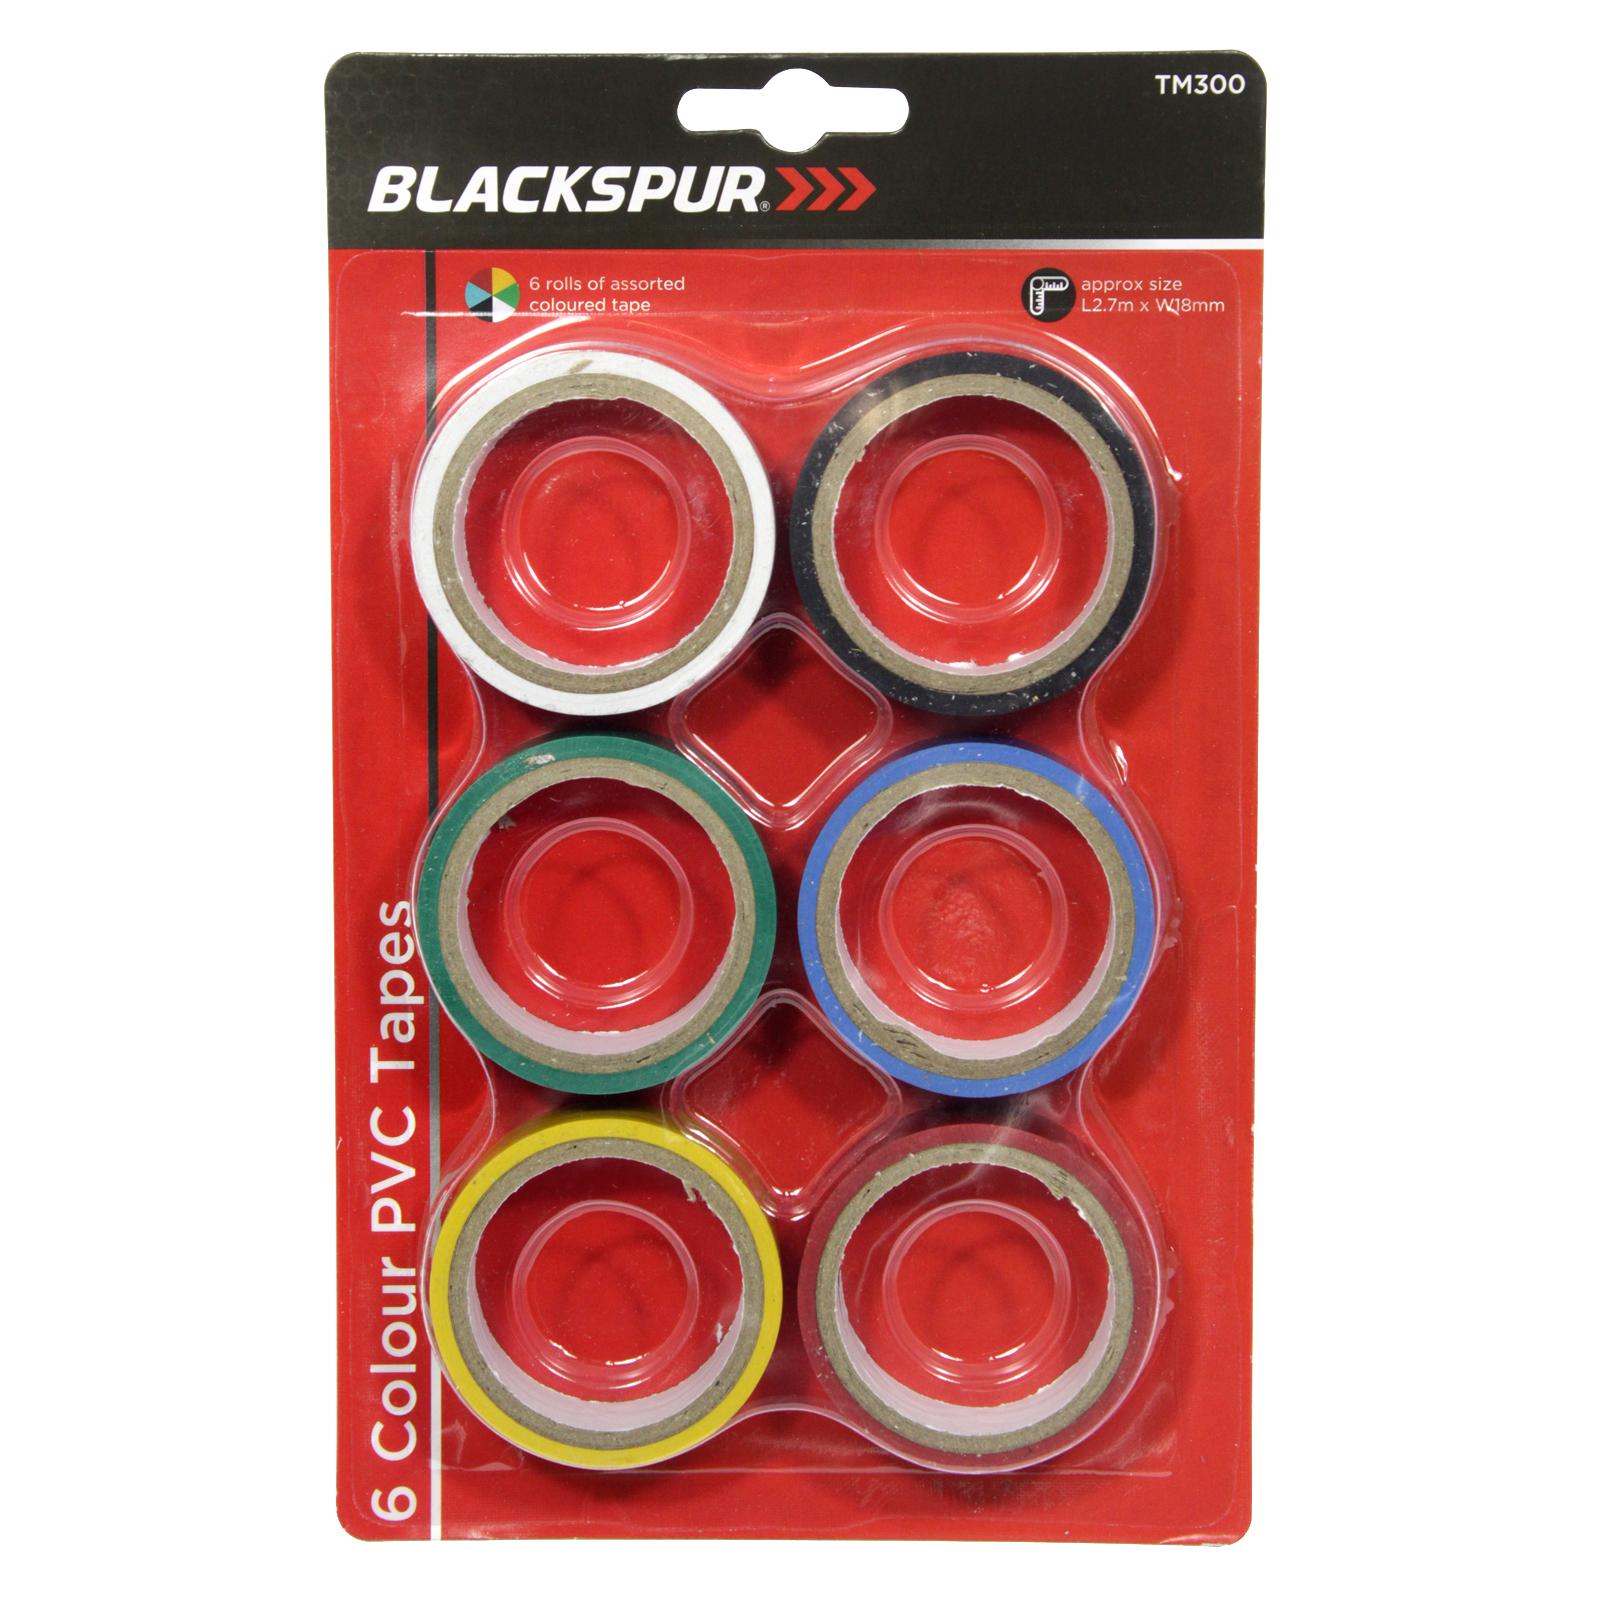 BLACKSPUR 6PK PVC TAPE SET ASSORTED COLOURS